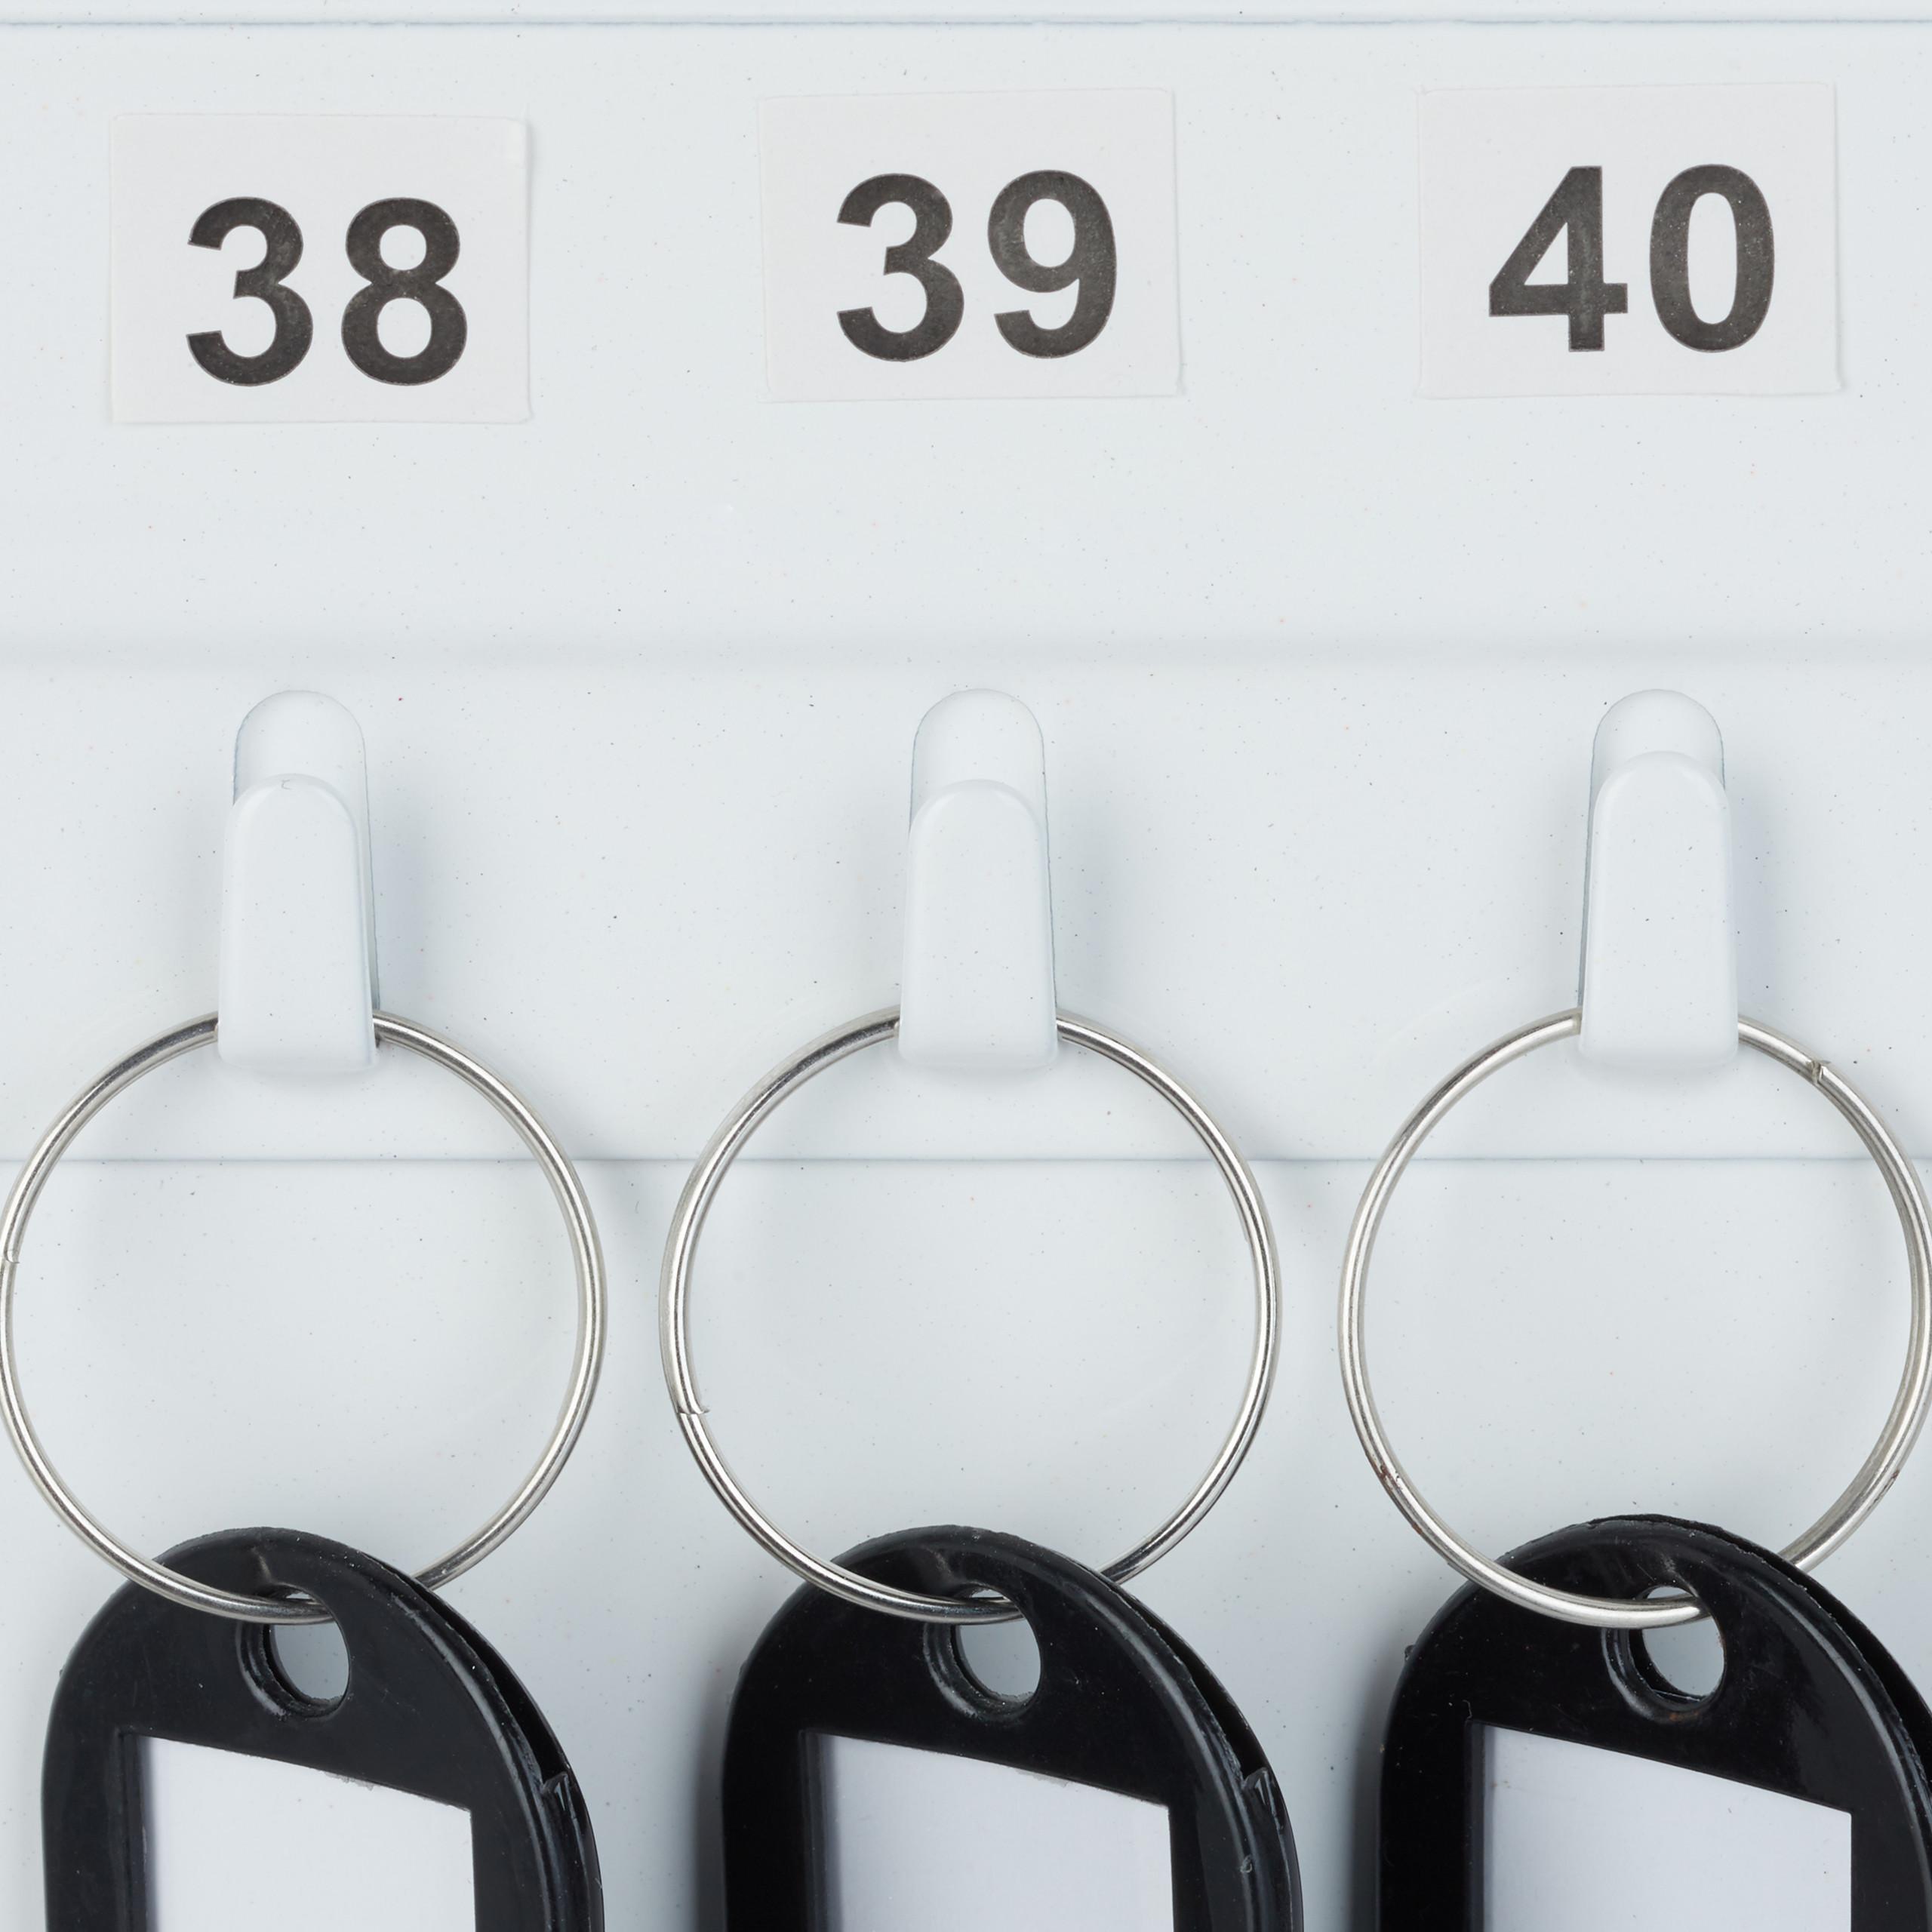 Boite-a-cles-armoire-a-clef-murale-rangement-48-crochets-fermant-a-cle-garage miniature 8